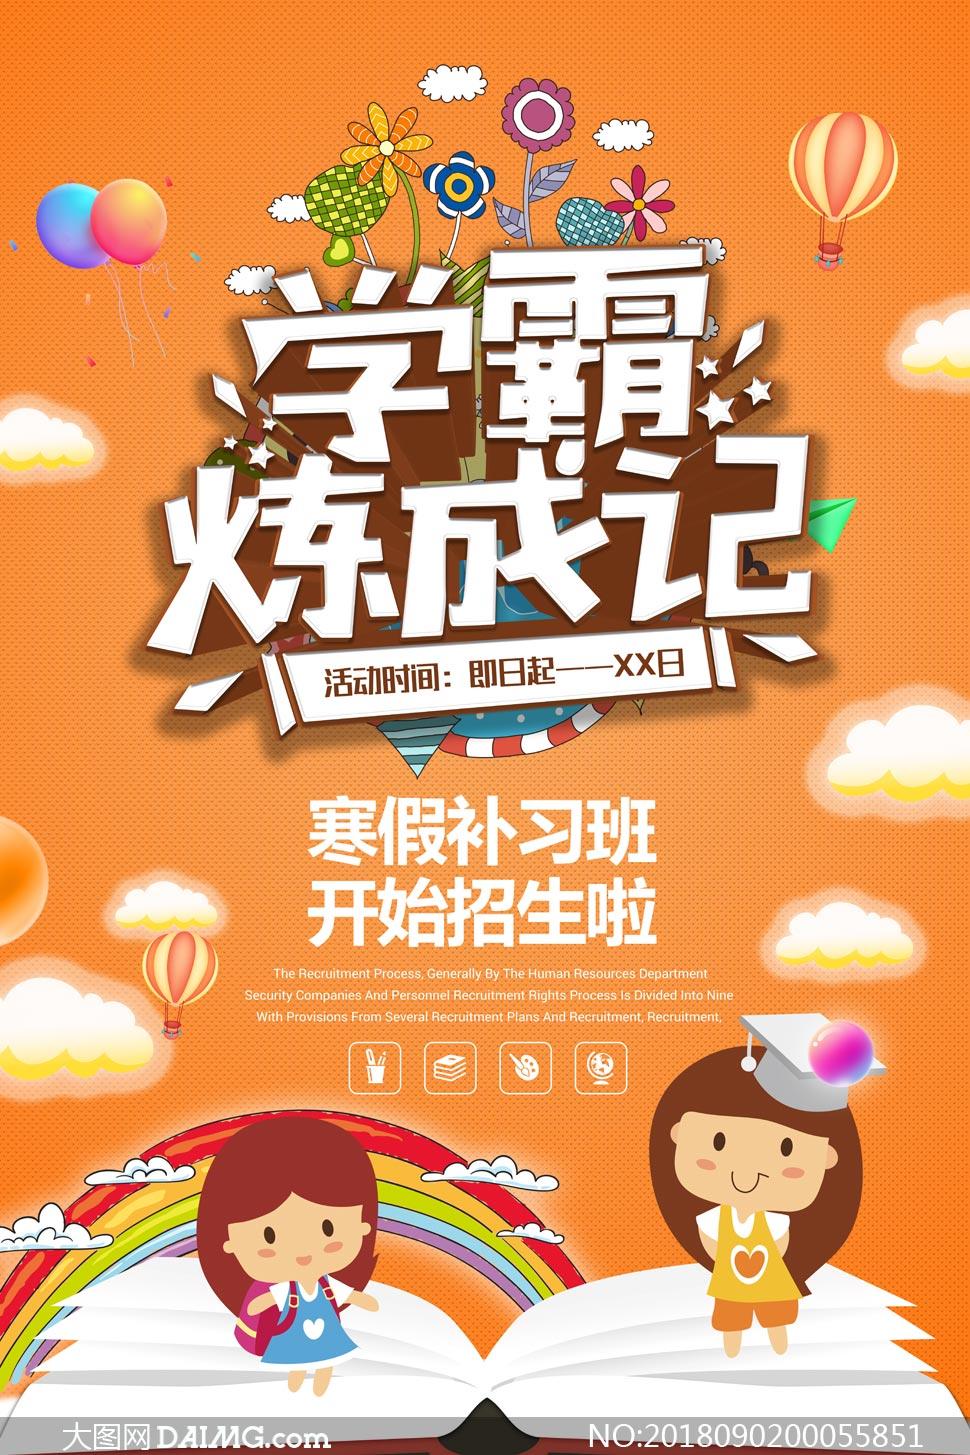 寒假补习班宣传海报设计psd素材